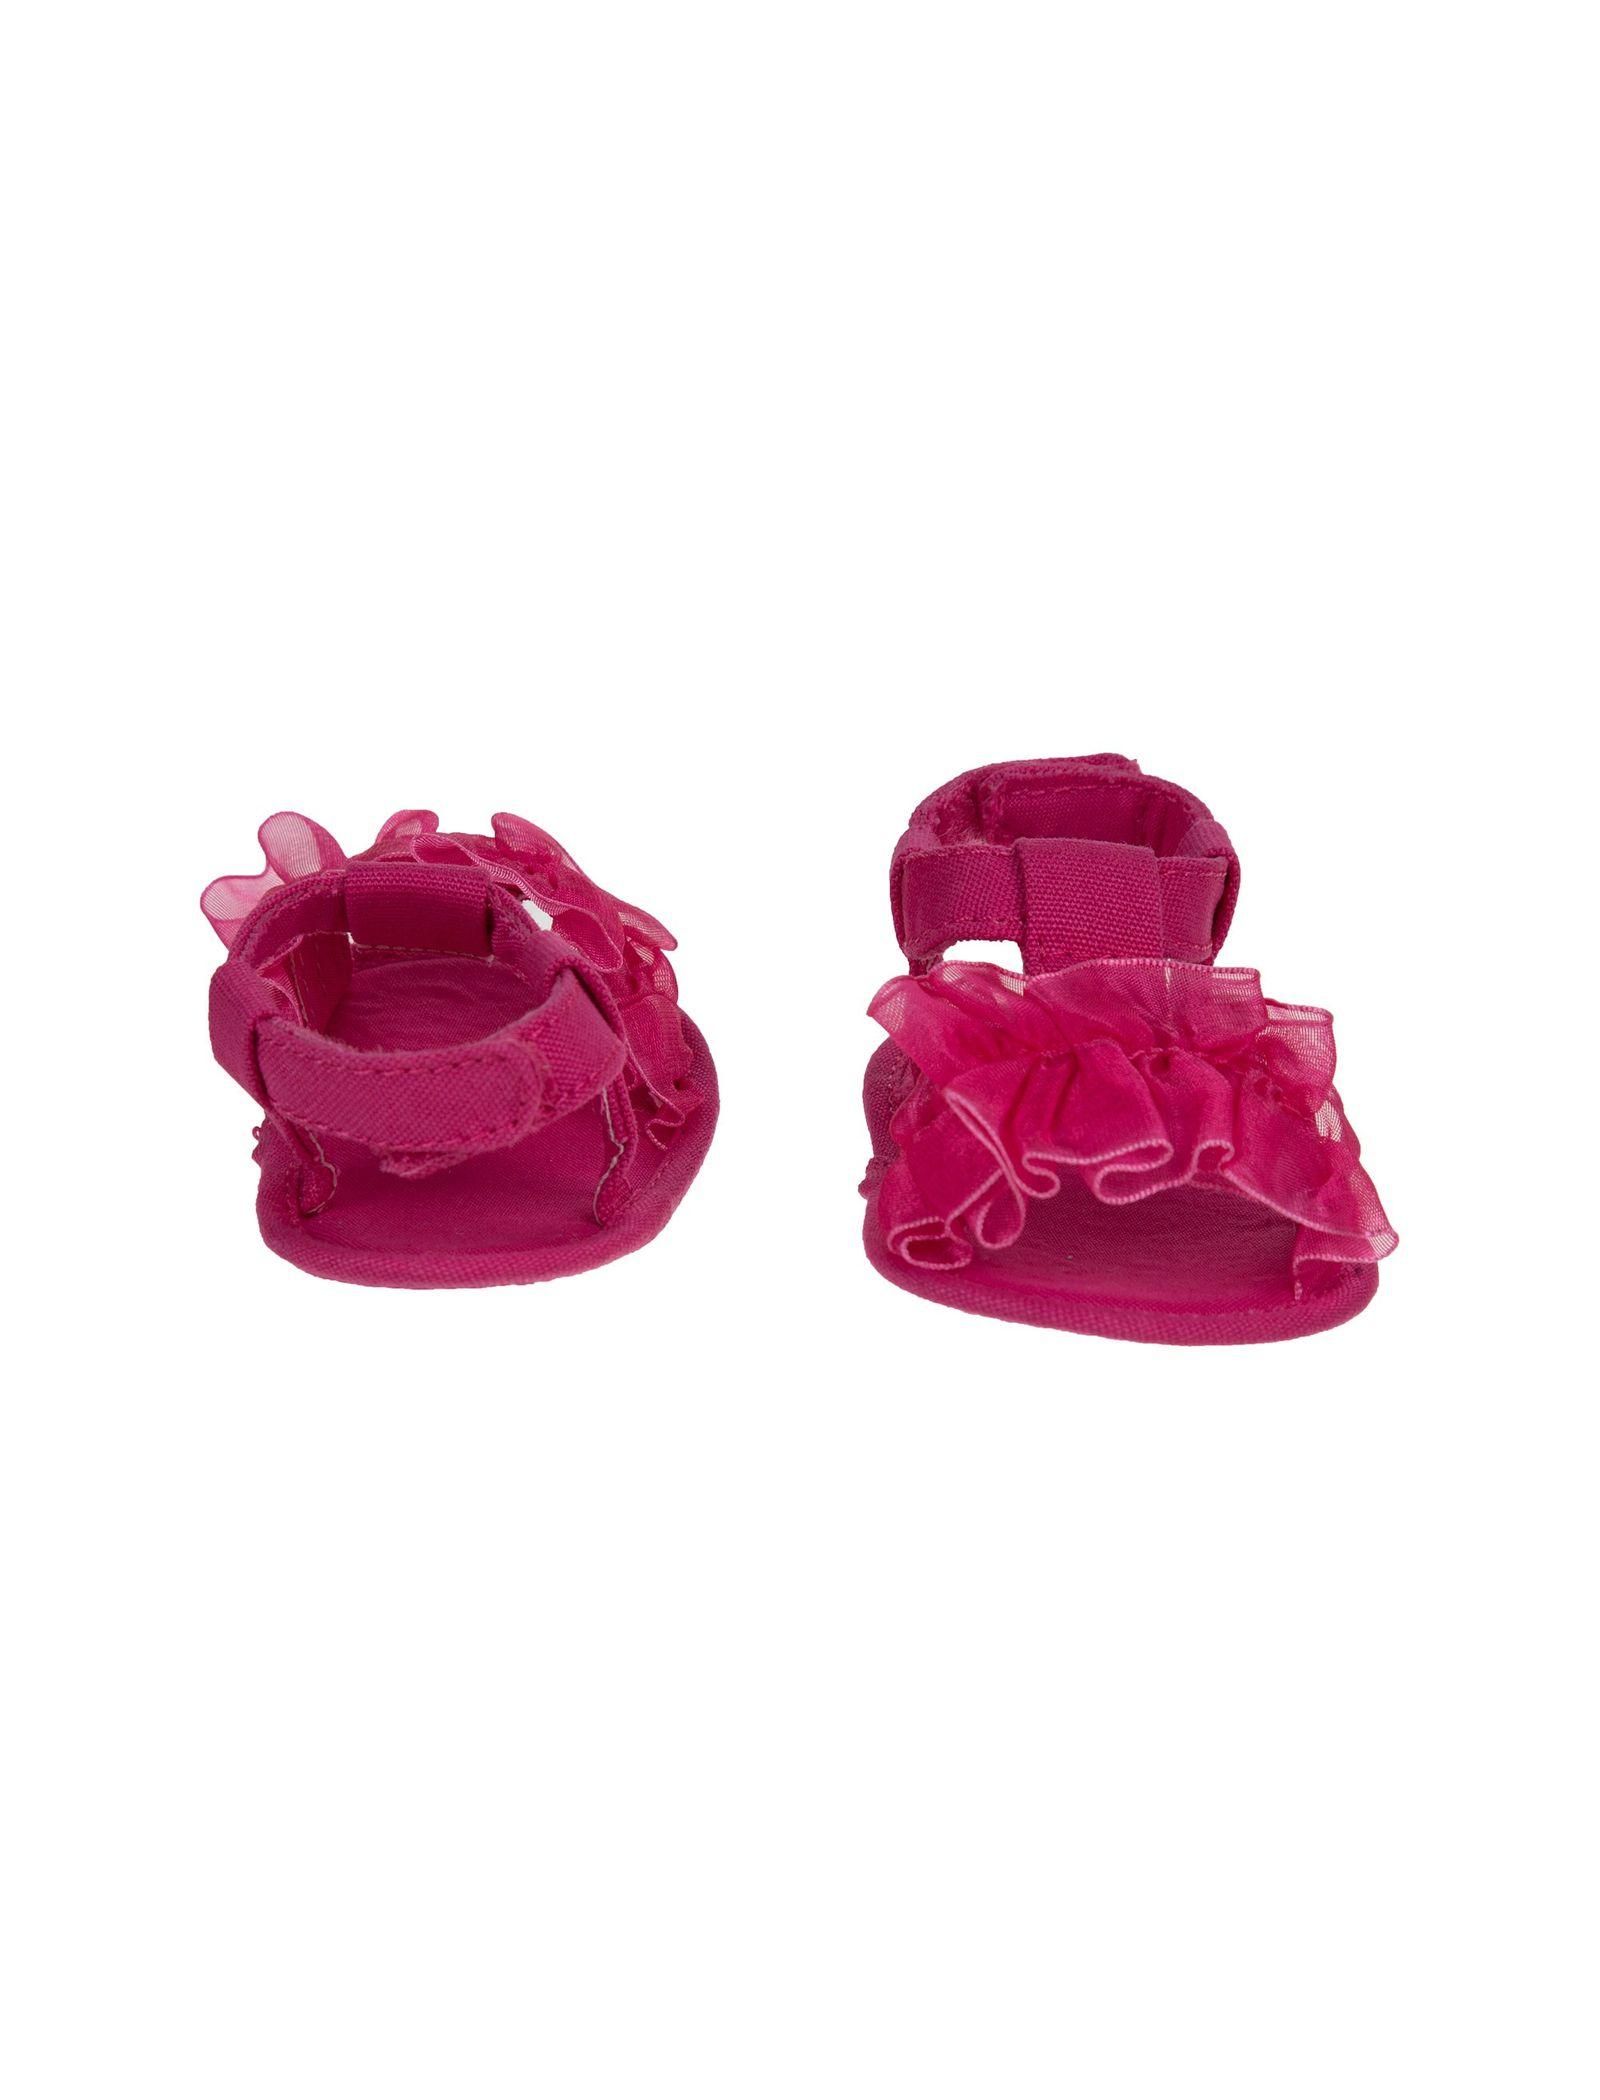 کفش چسبی نوزادی دخترانه - بلوکیدز - صورتي - 5